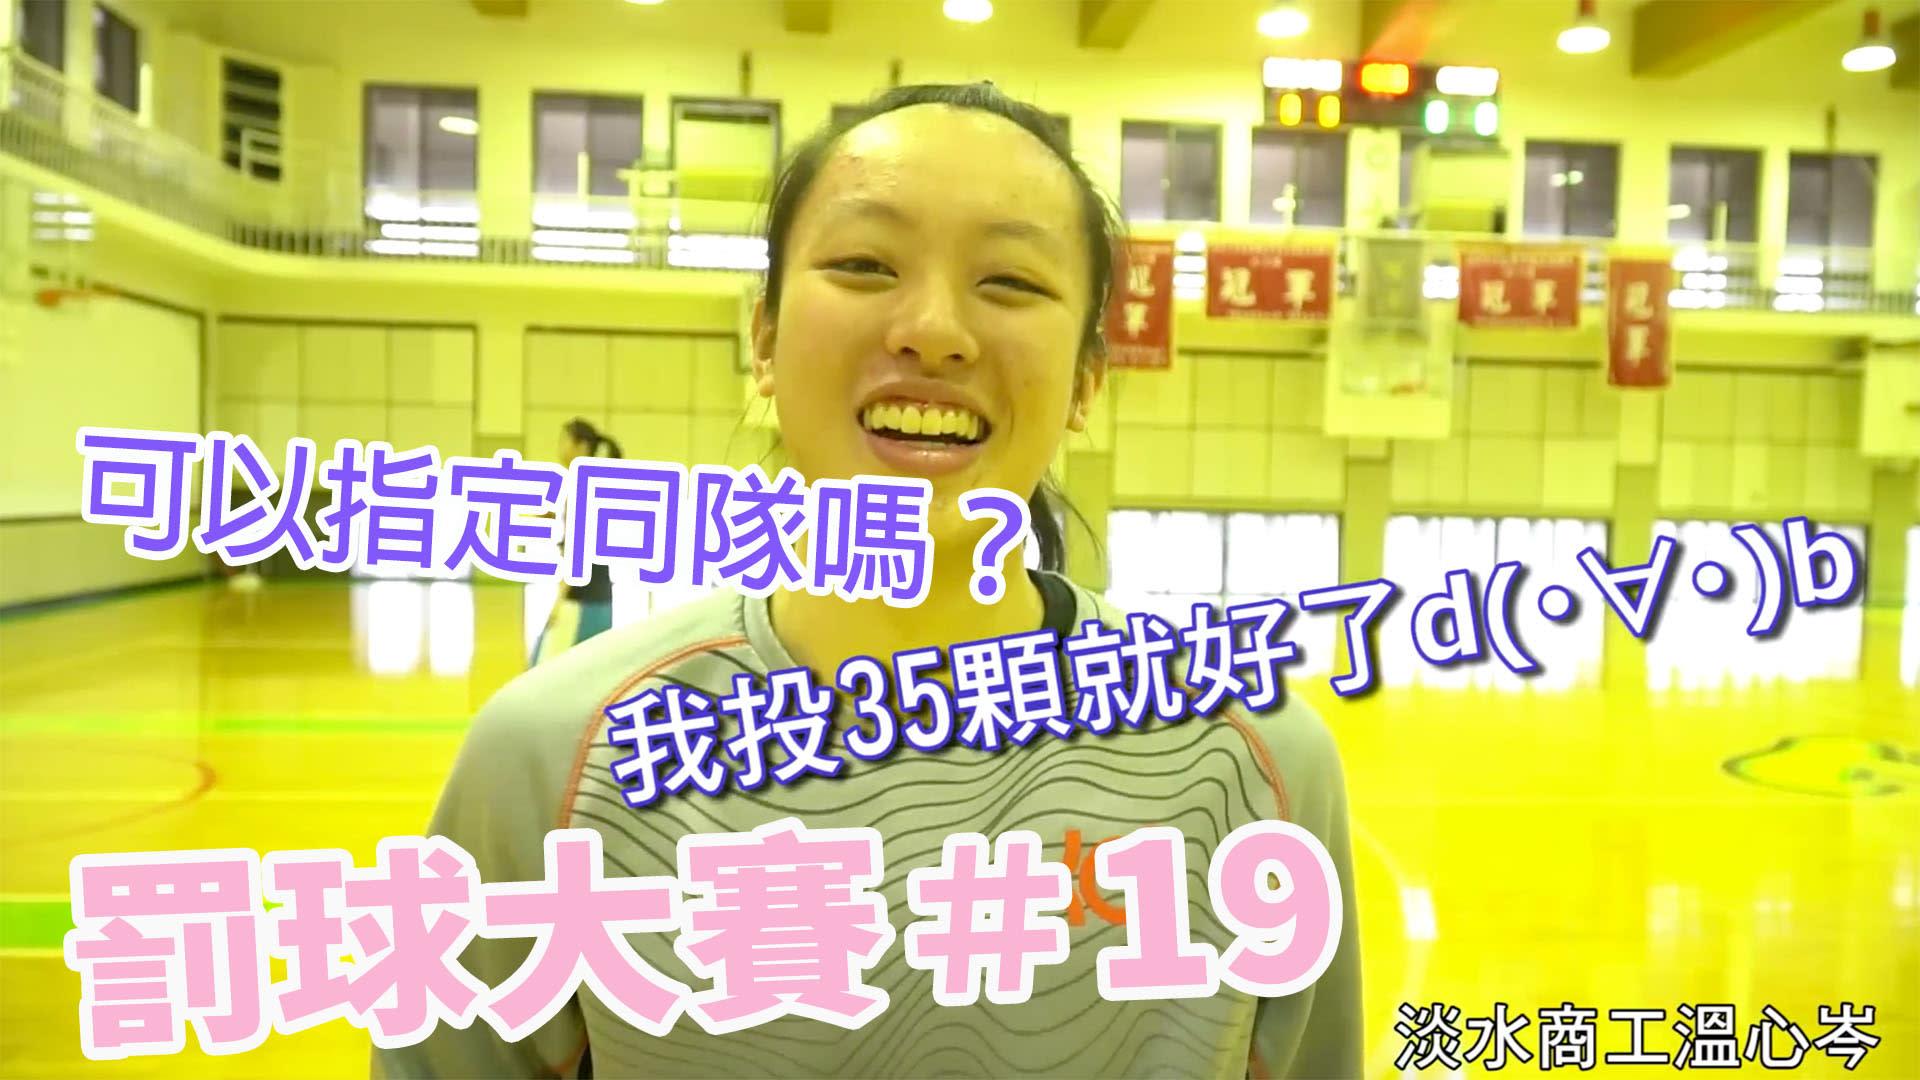 罰球大賽#19 淡水商工溫心岑